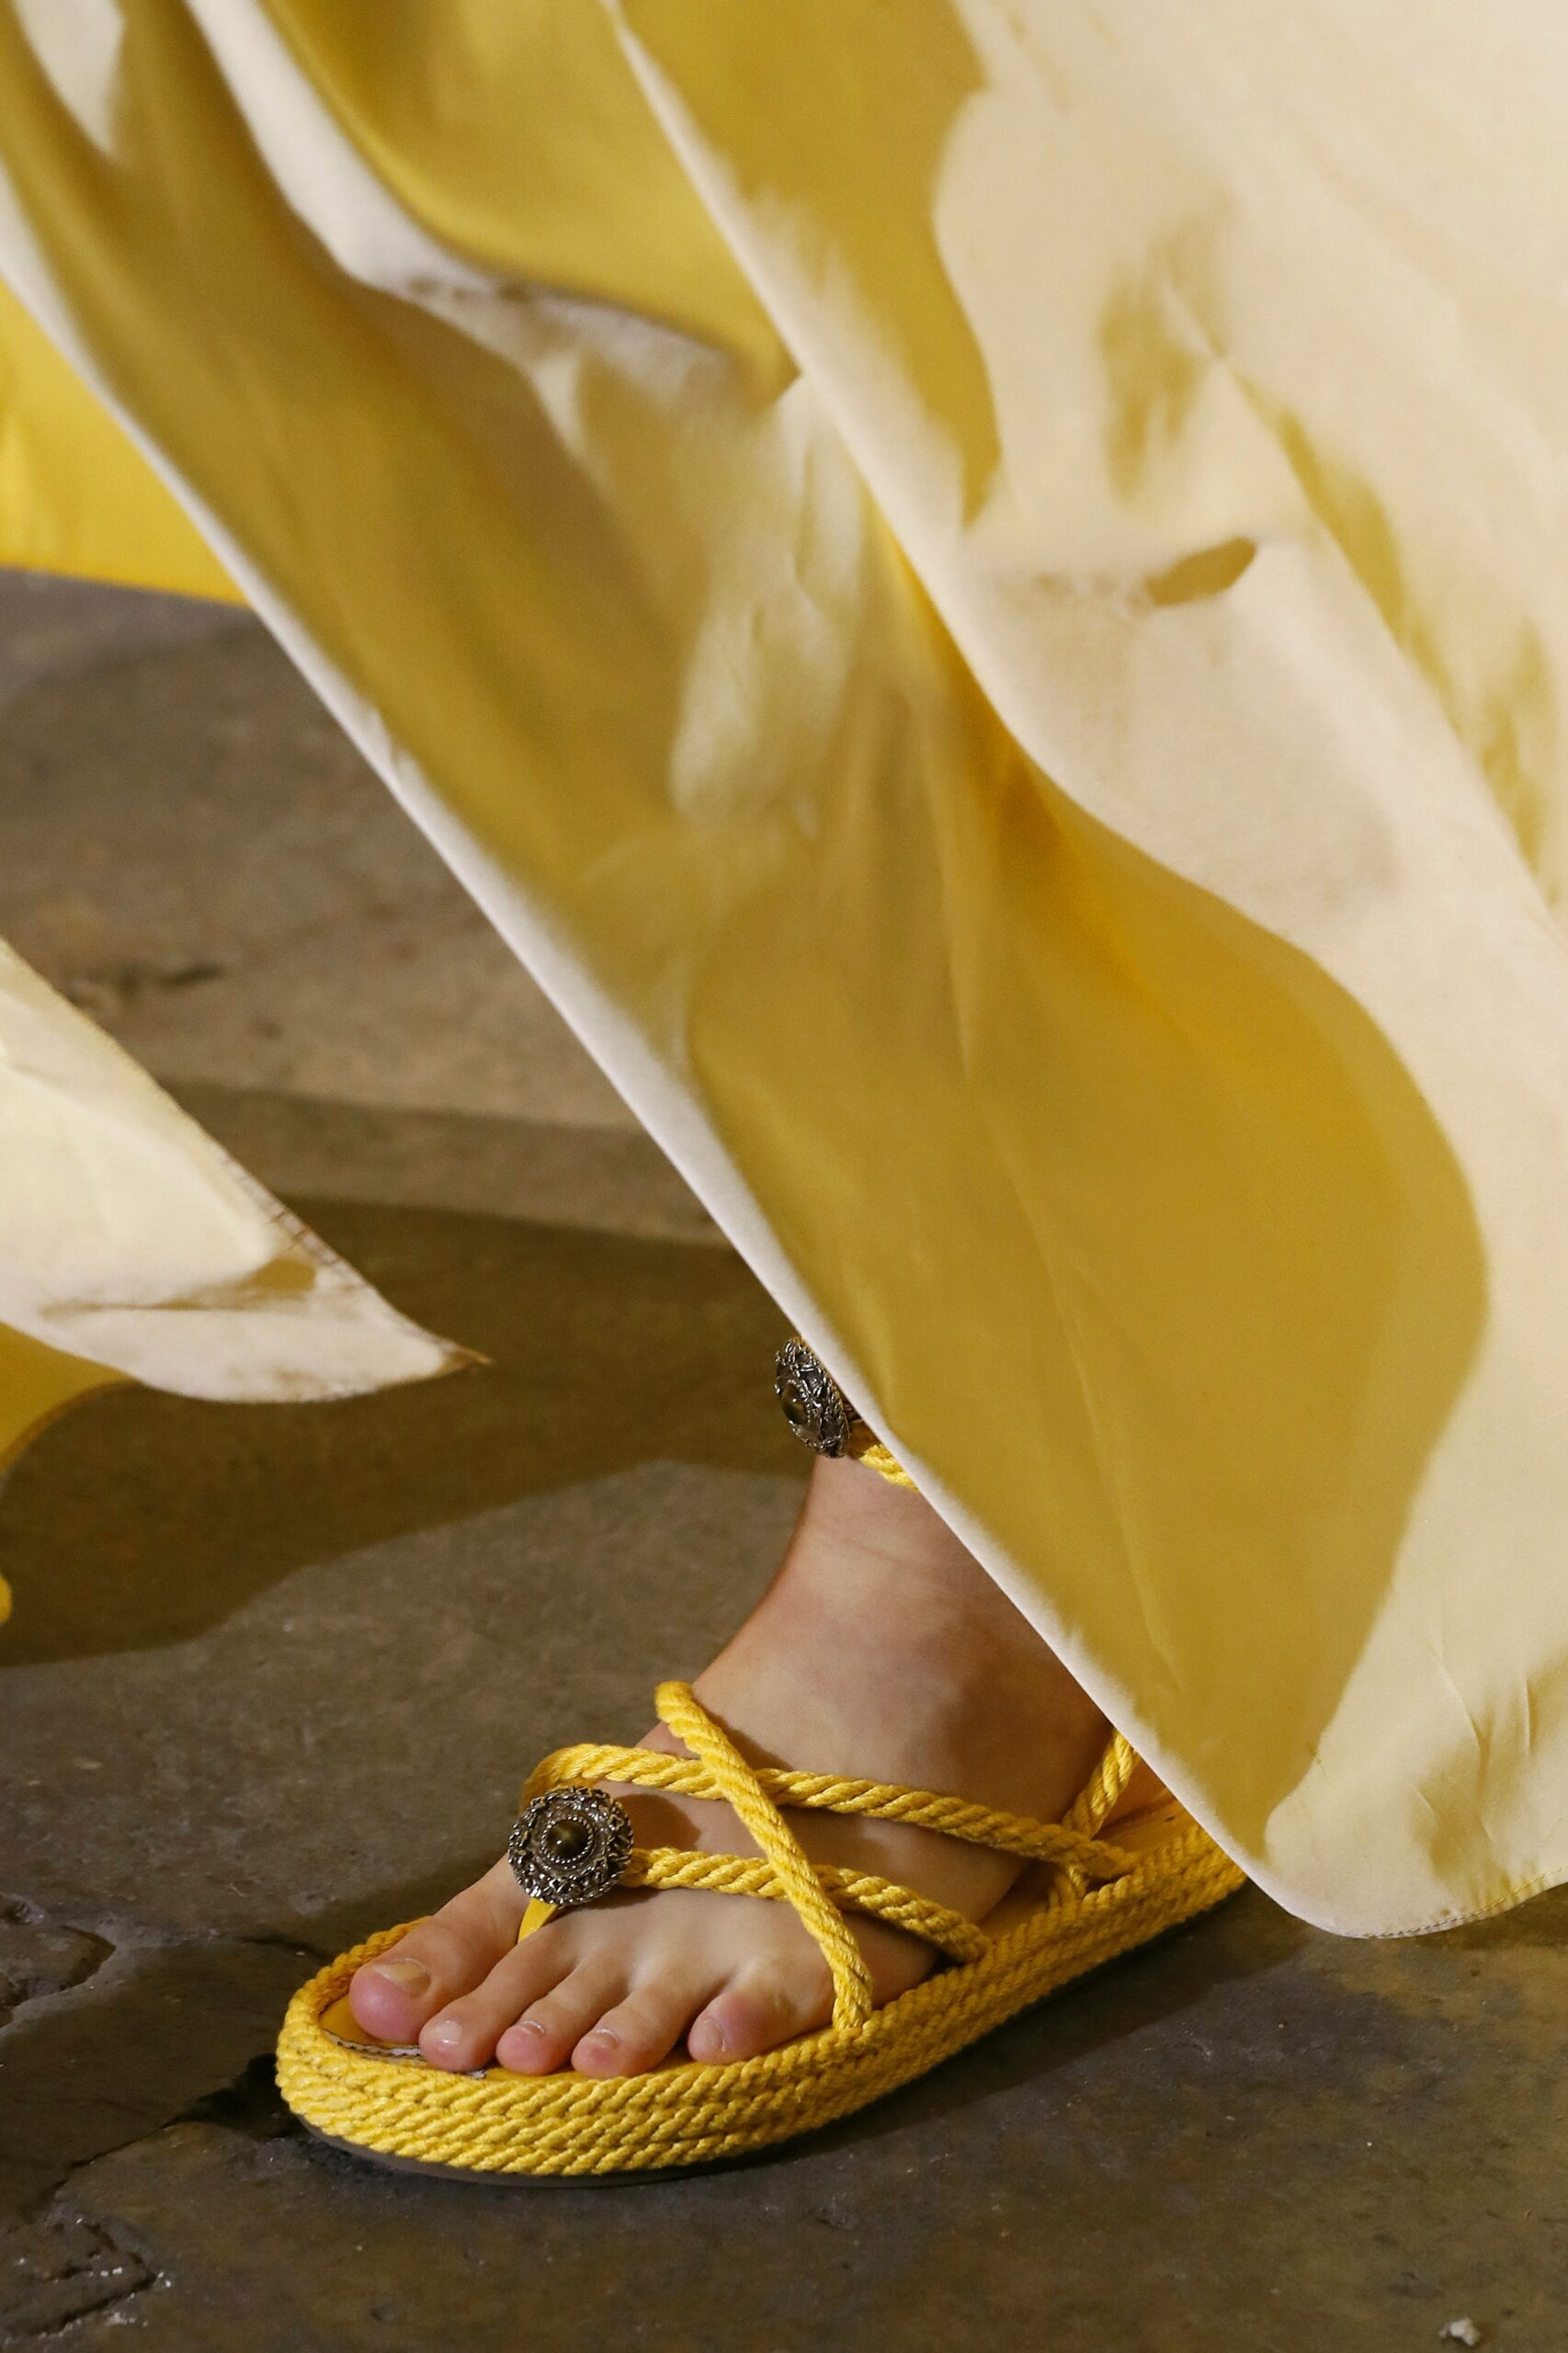 модная обувь лето 2021 на низком ходу плоская подошва без каблука женская веревочные плетеные макраме желтые